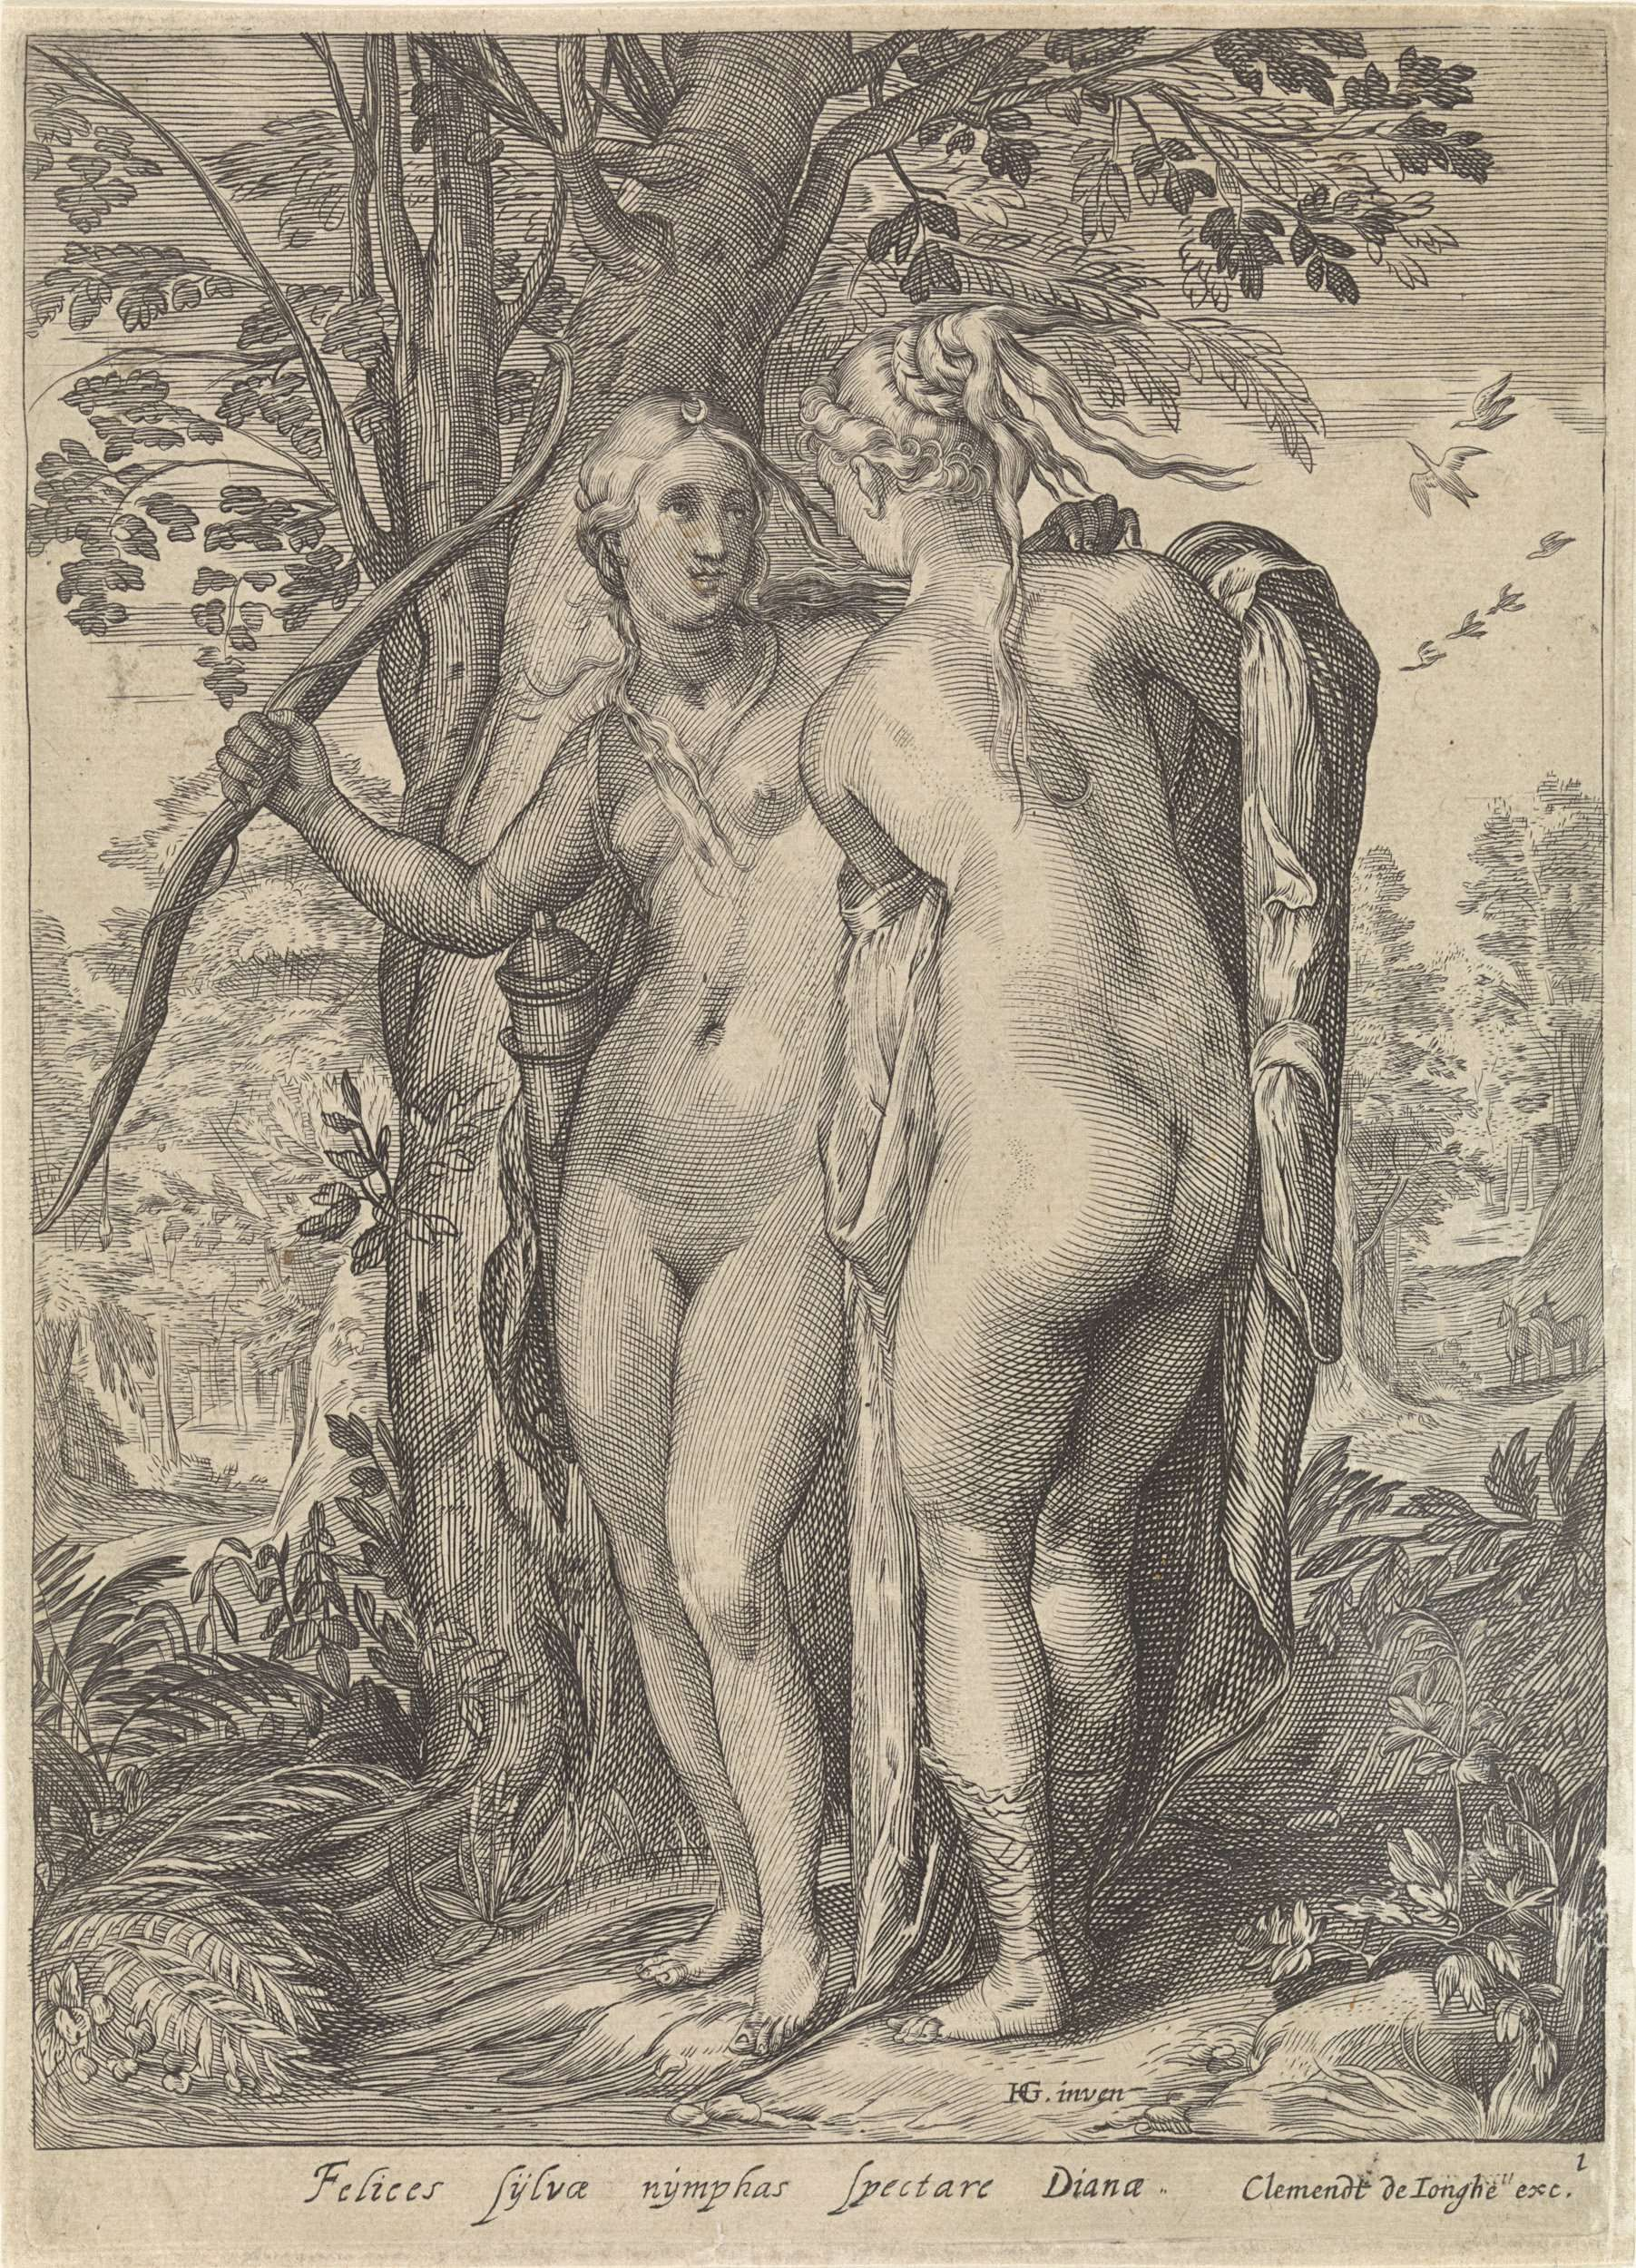 Jan Saenredam | Diana en een nimf voor een boom, Jan Saenredam, Anonymous, Clement de Jonghe, 1640 - 1670 | Voor een boom staan de naakte Diana (met pijl en boog) en een van haar nimfen. De prent maakt deel uit van een driedelige serie van Diana en haar nimfen en heeft een Latijns onderschrift.